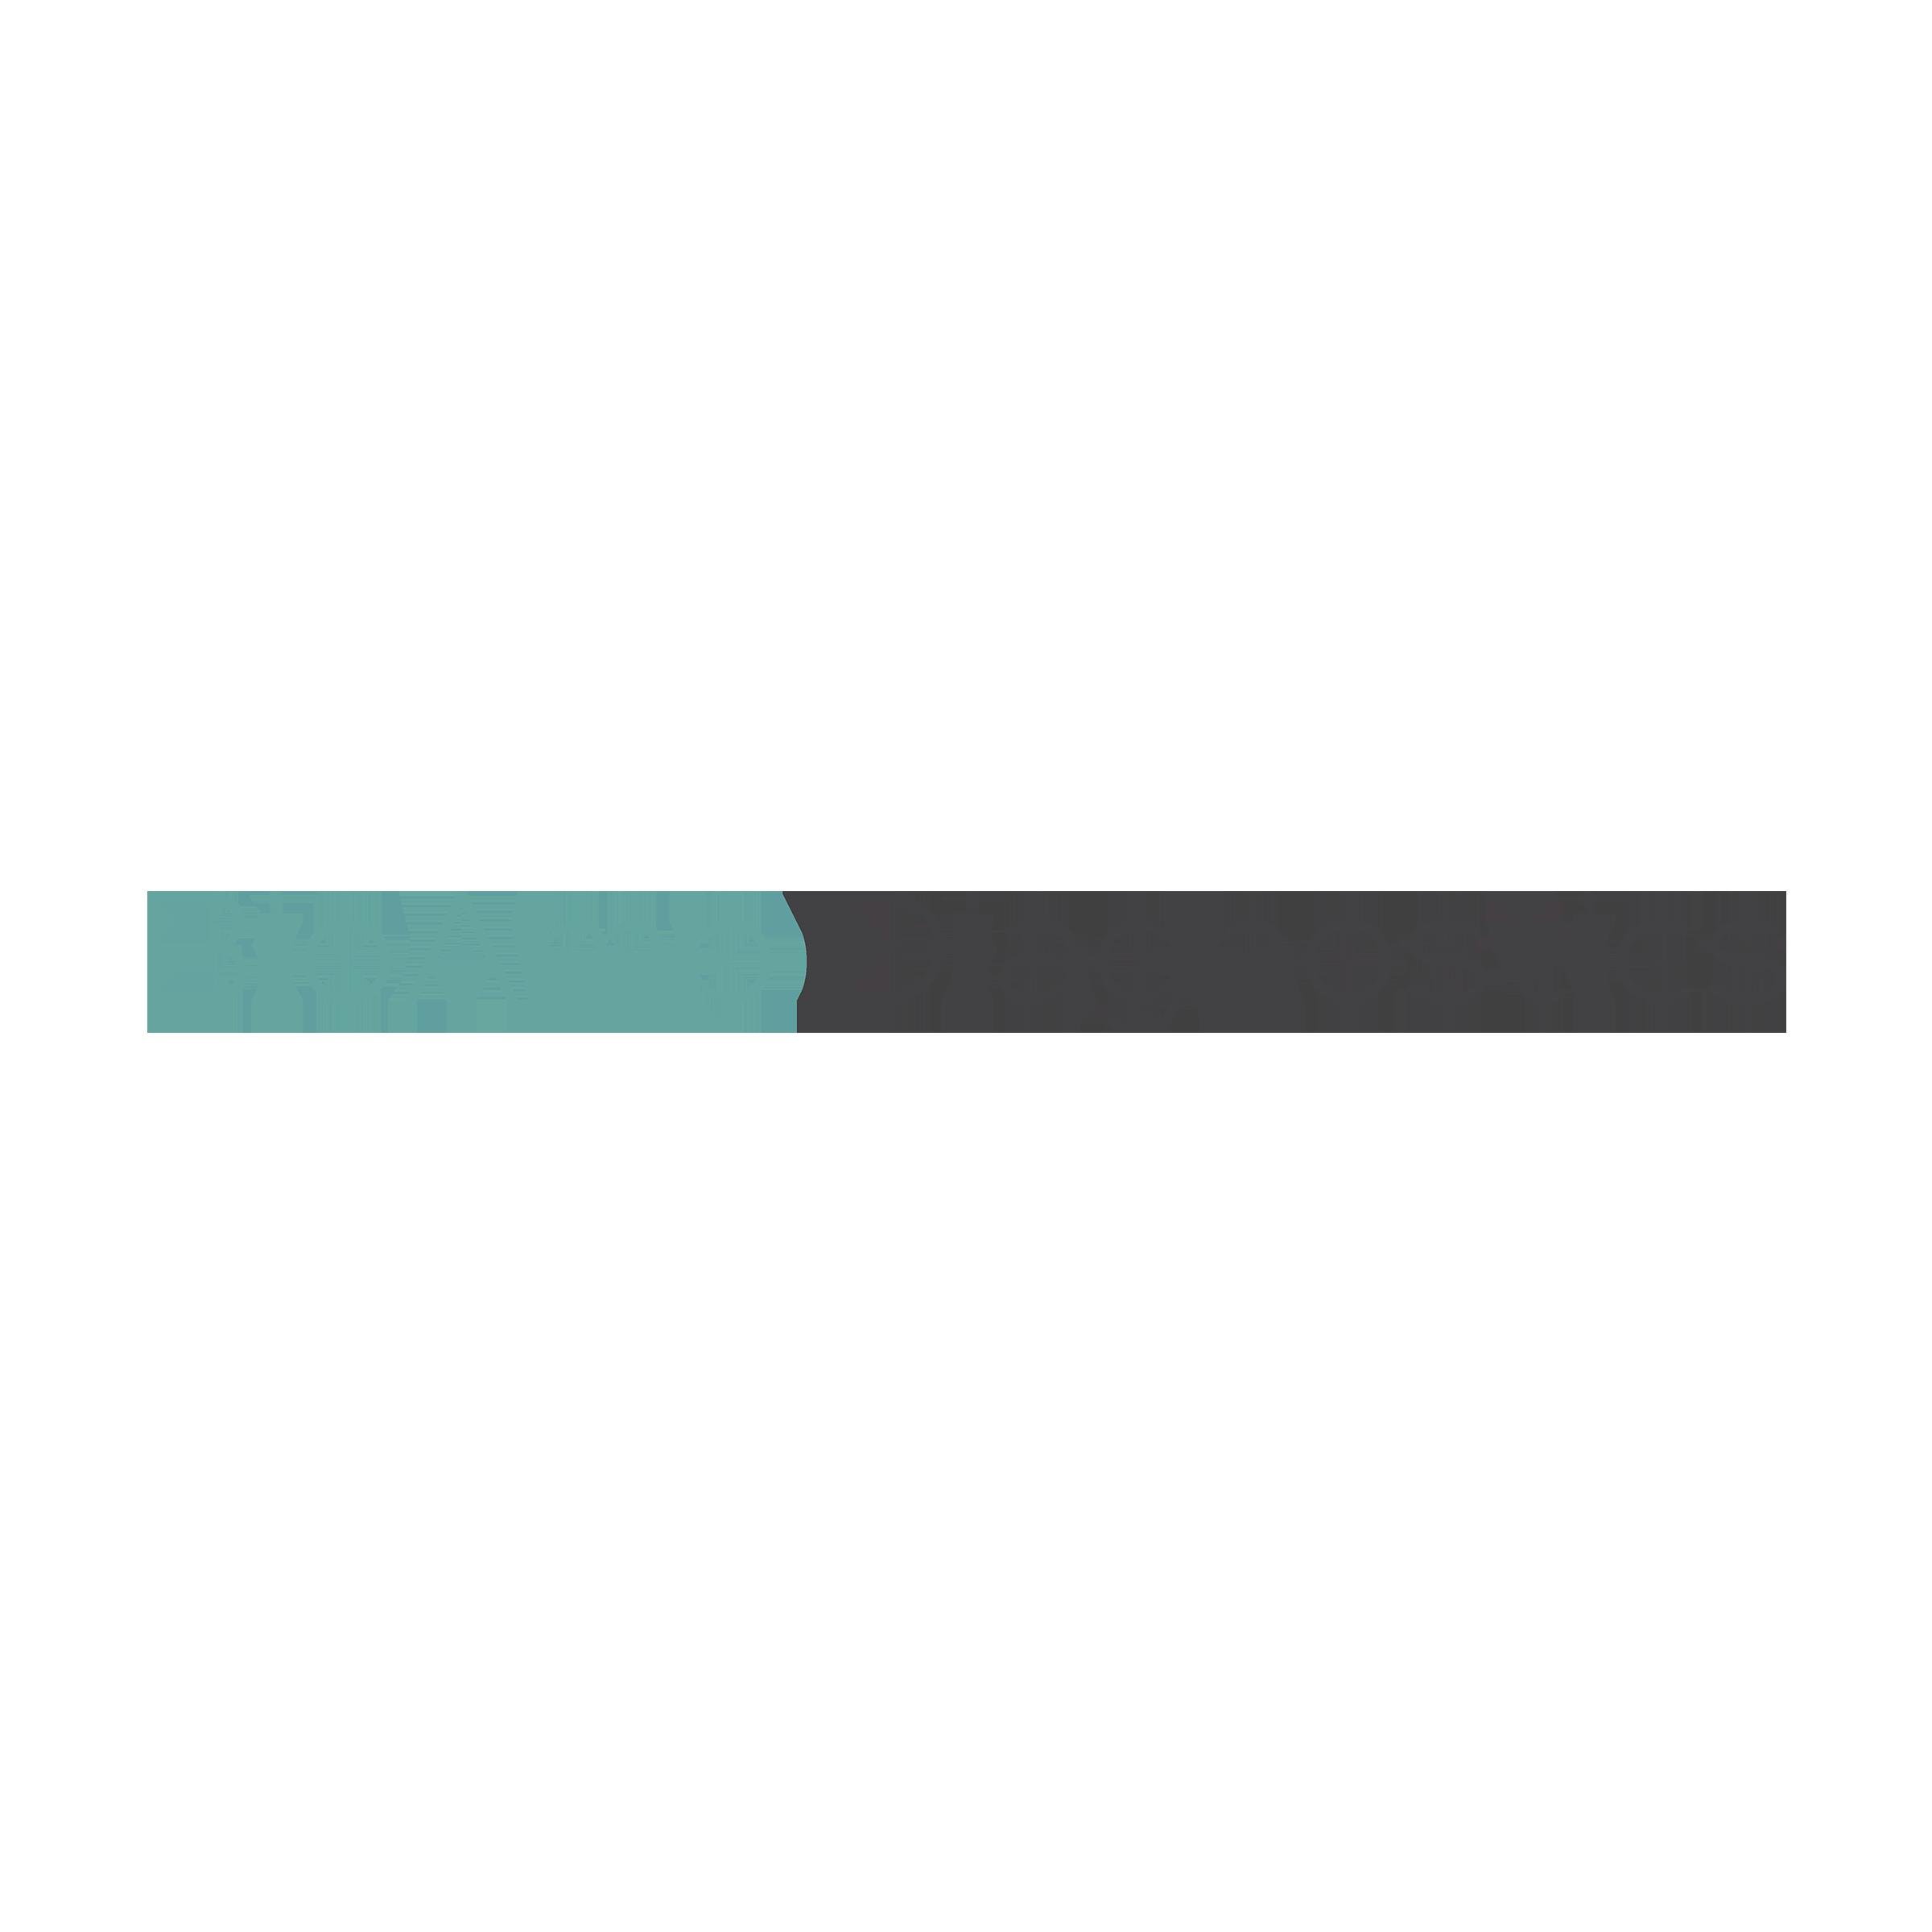 BioAmp Diagnostics